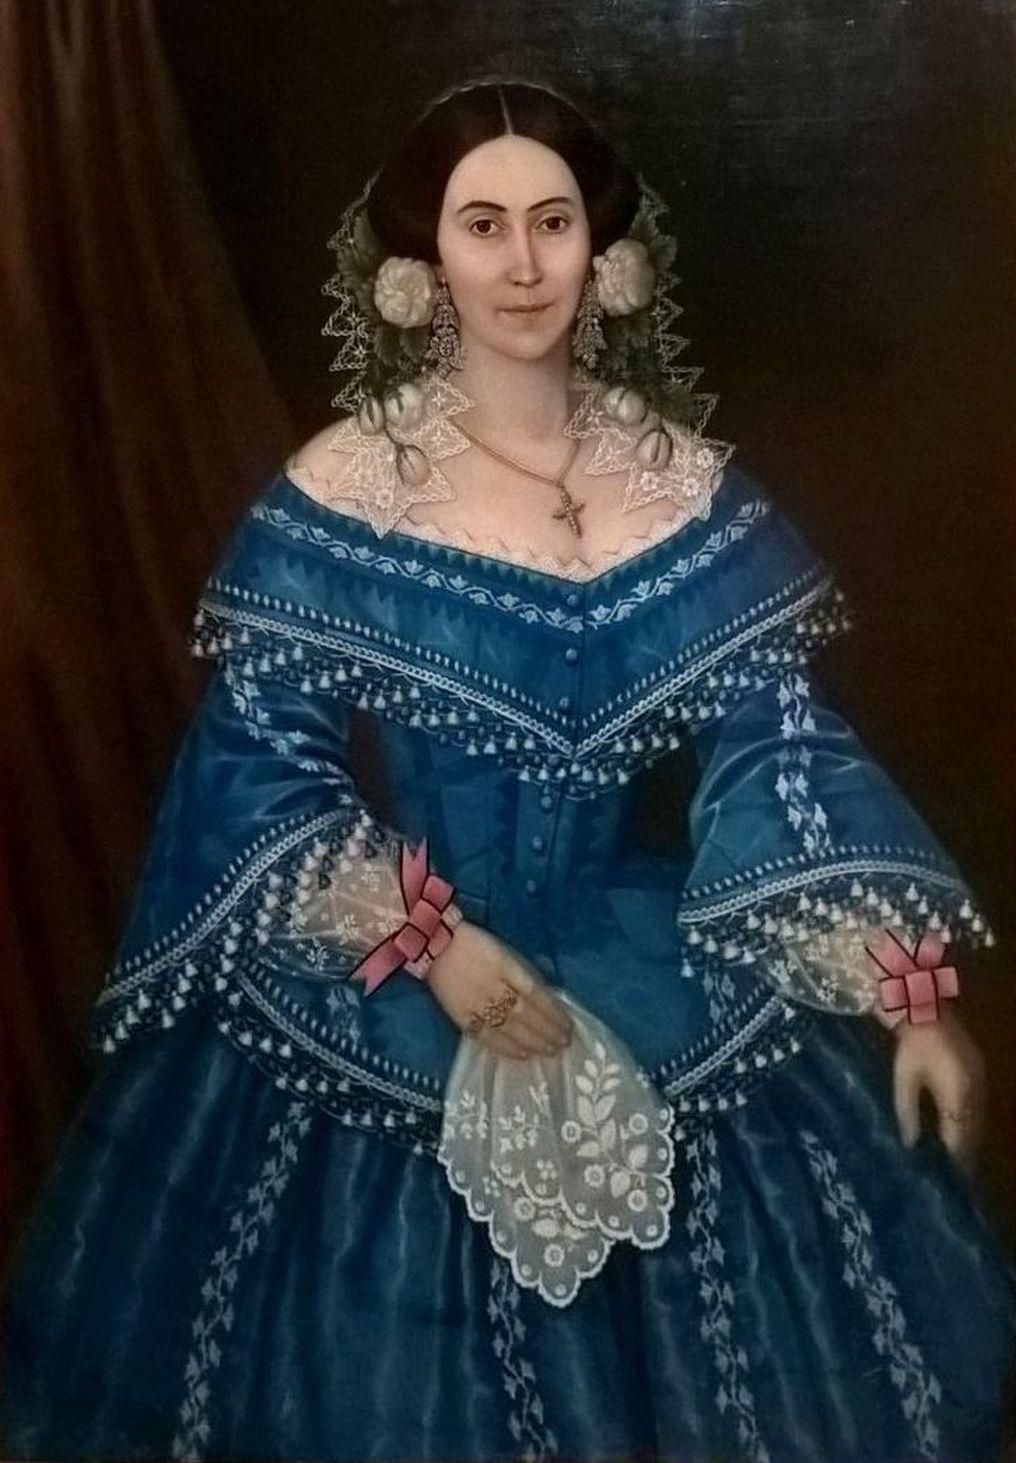 Imagini pentru Anton Chladek, Portret de femeie cu rochie albastră